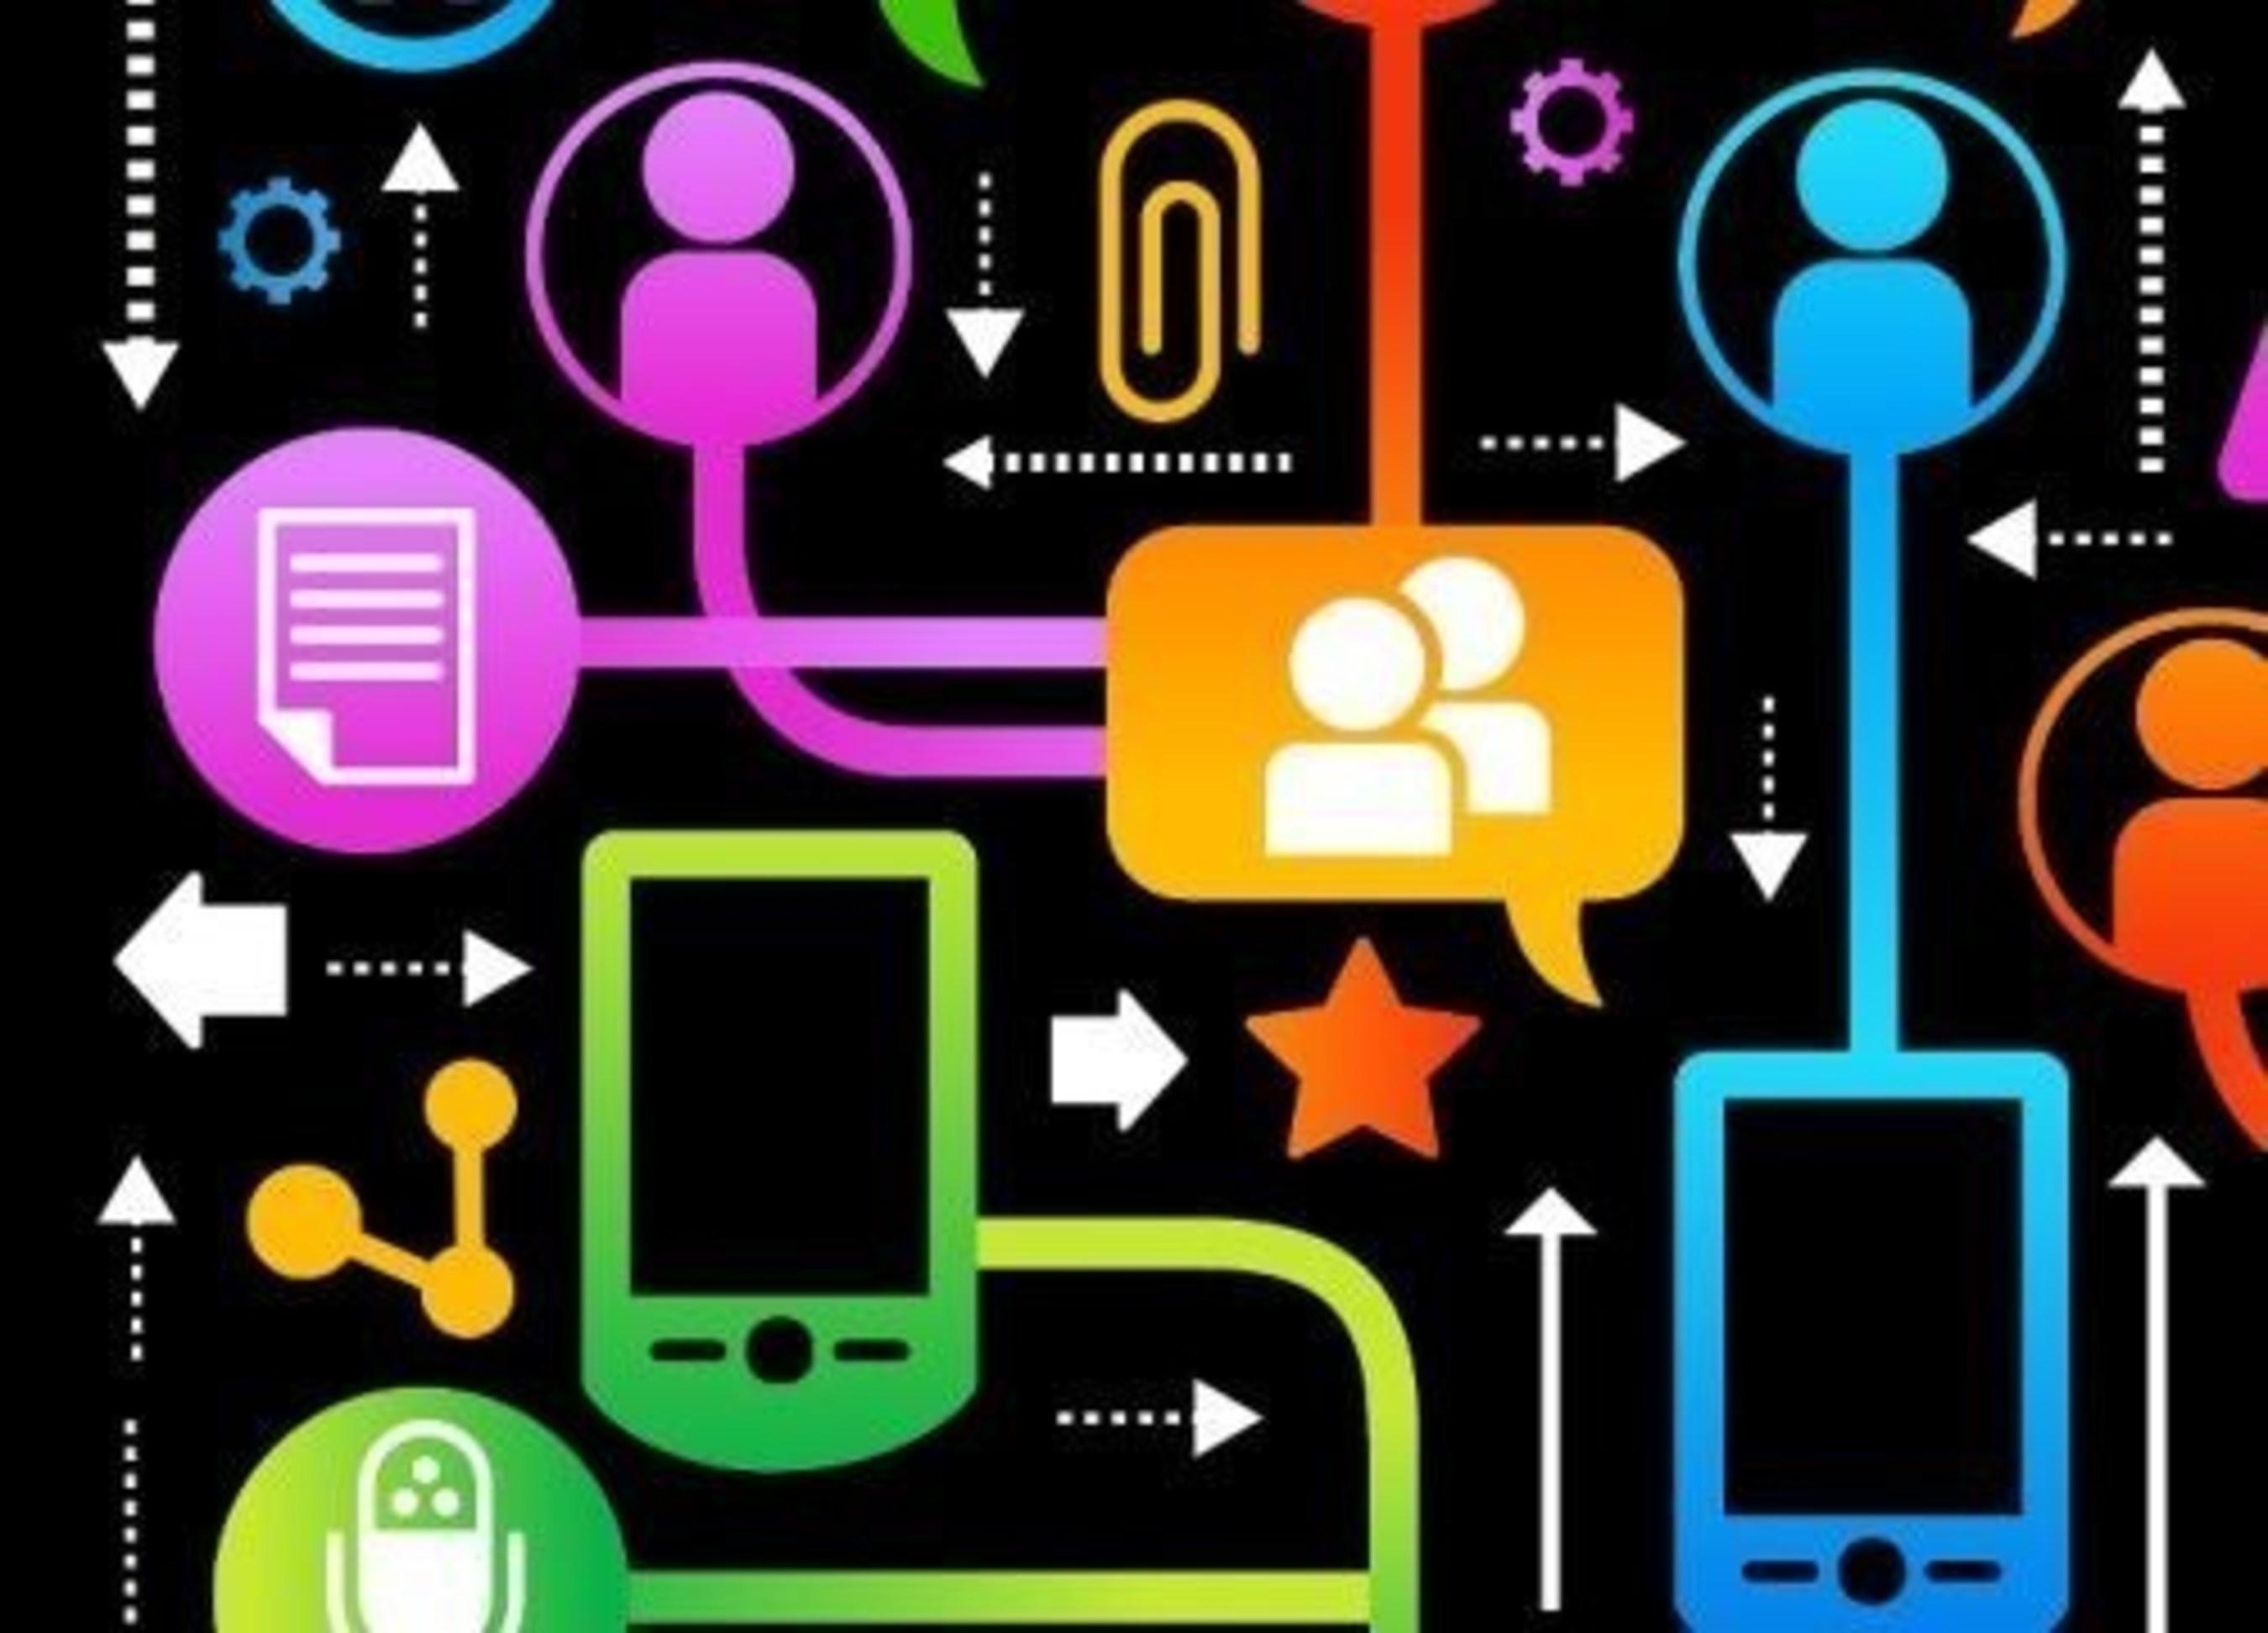 European MPLS/IP VPN Market to Reach $14.63 Billion in 2020, Predicts Frost & Sullivan